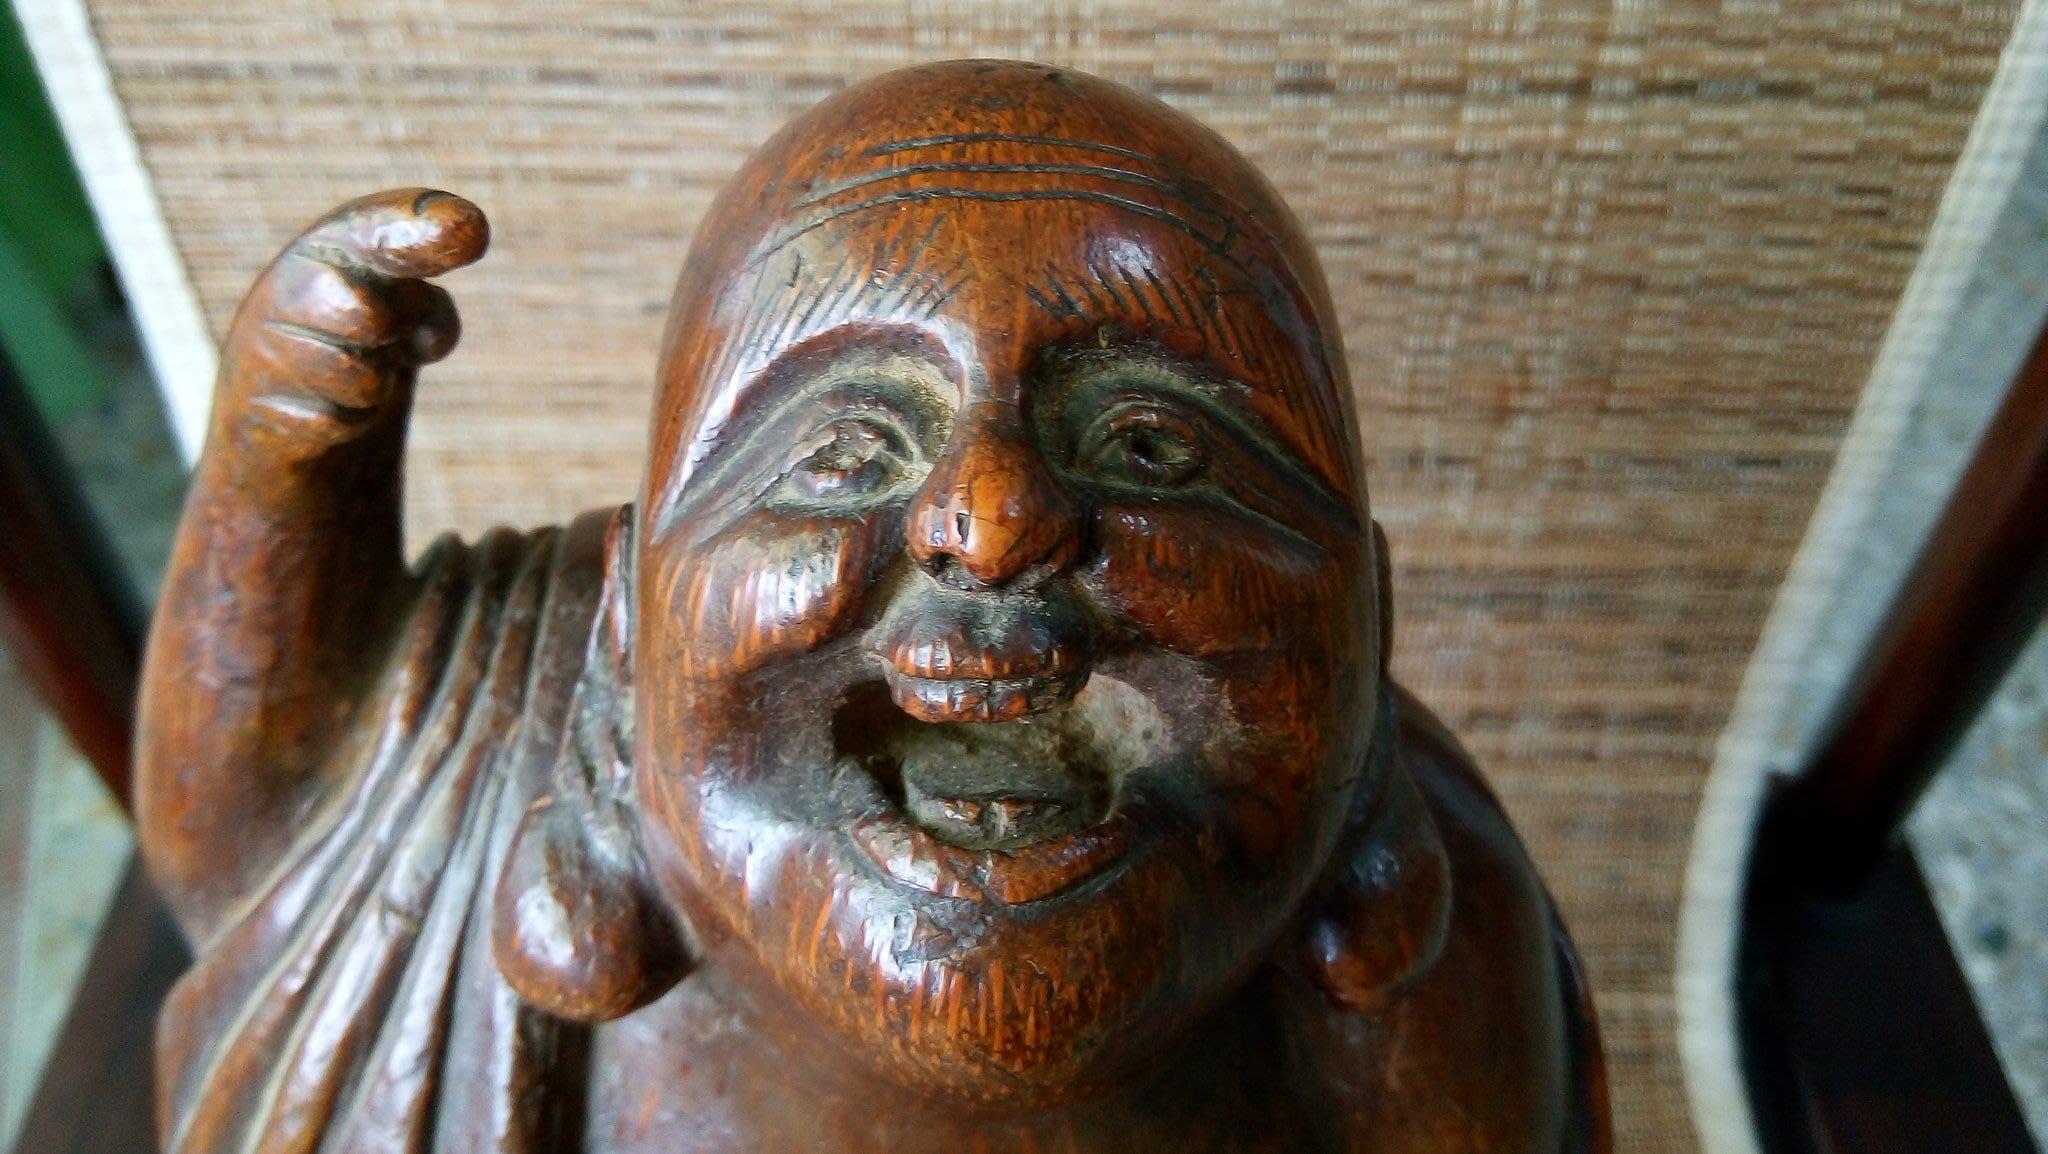 [達古堂]清 竹根雕歡喜羅漢